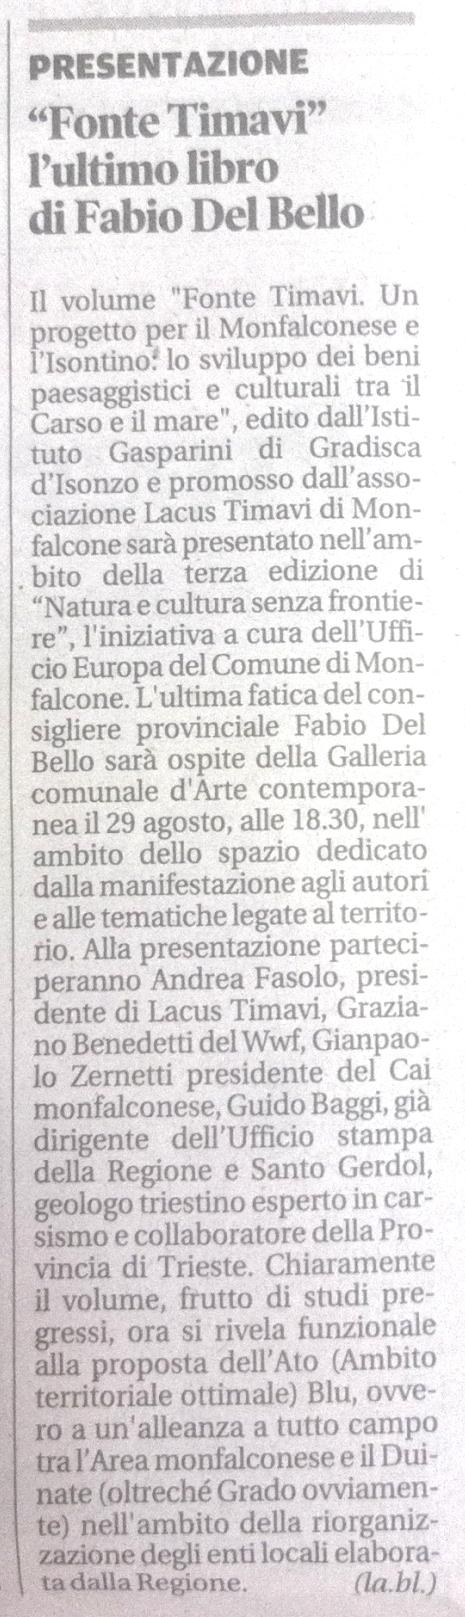 associazione culturale Lacus Timavi; Fonte Timavi; Fabio Del Bello